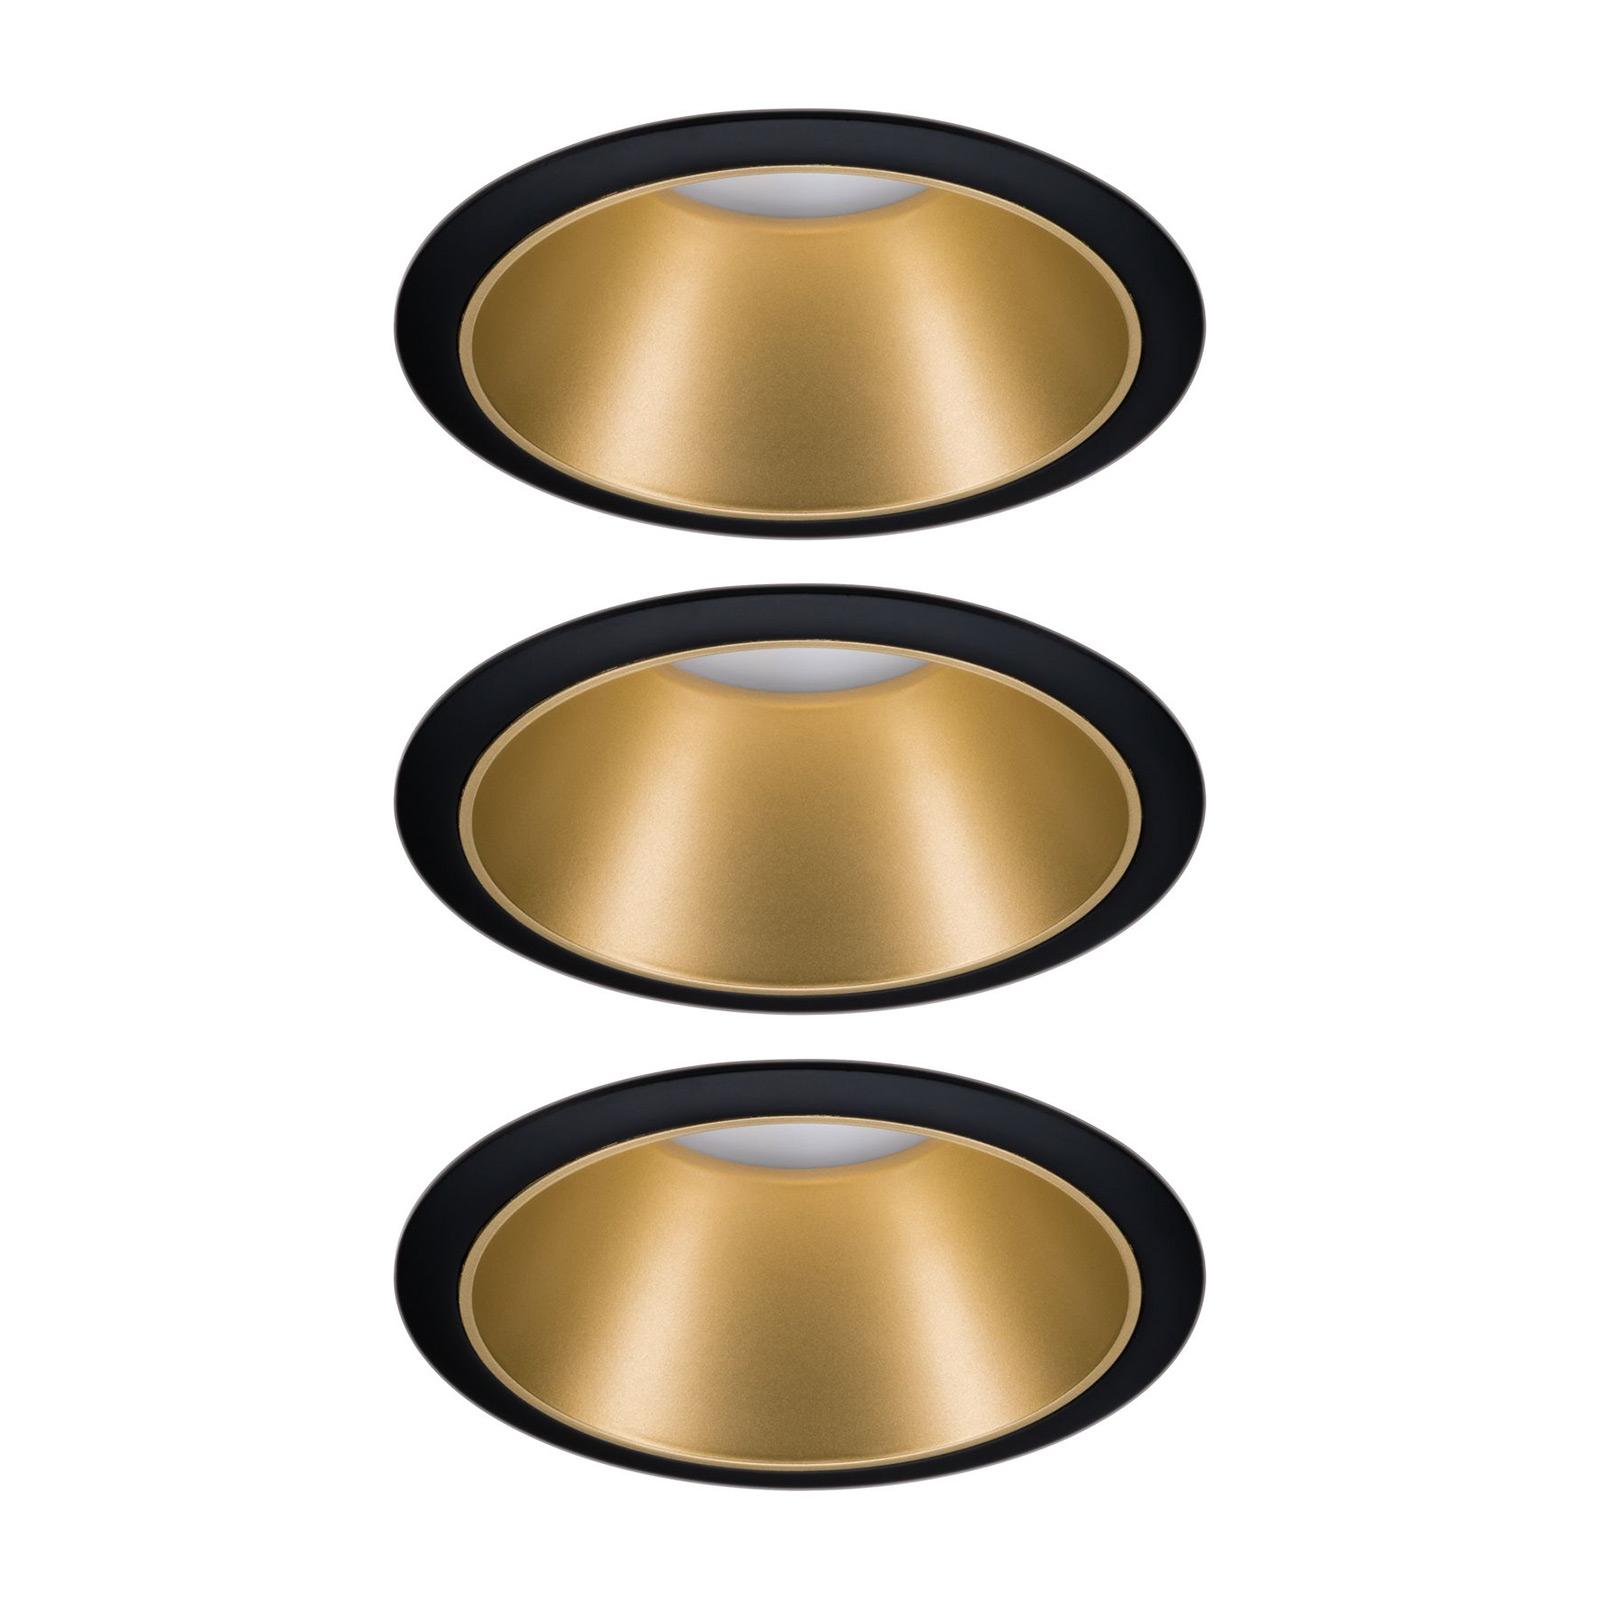 Paulmann Cole spot LED, doré-noir, lot de 3